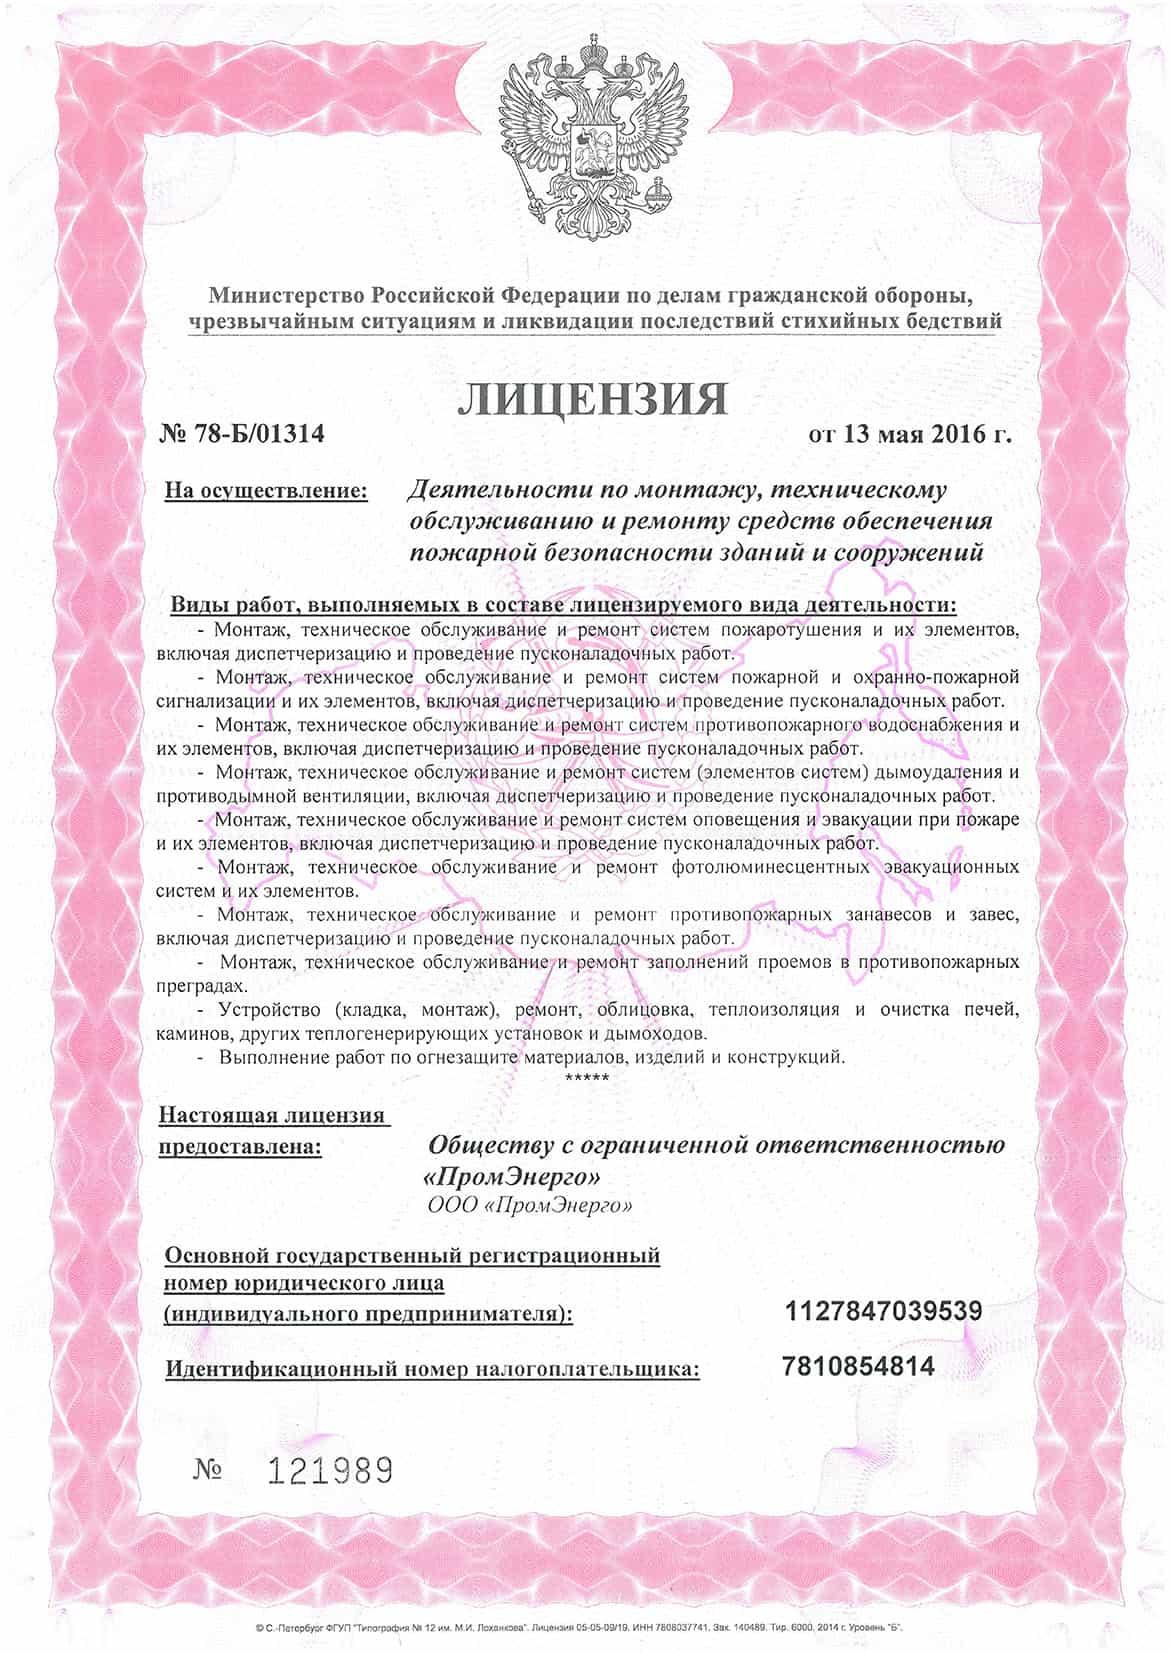 Лицензия МЧС ООО ПромЭнерго 1